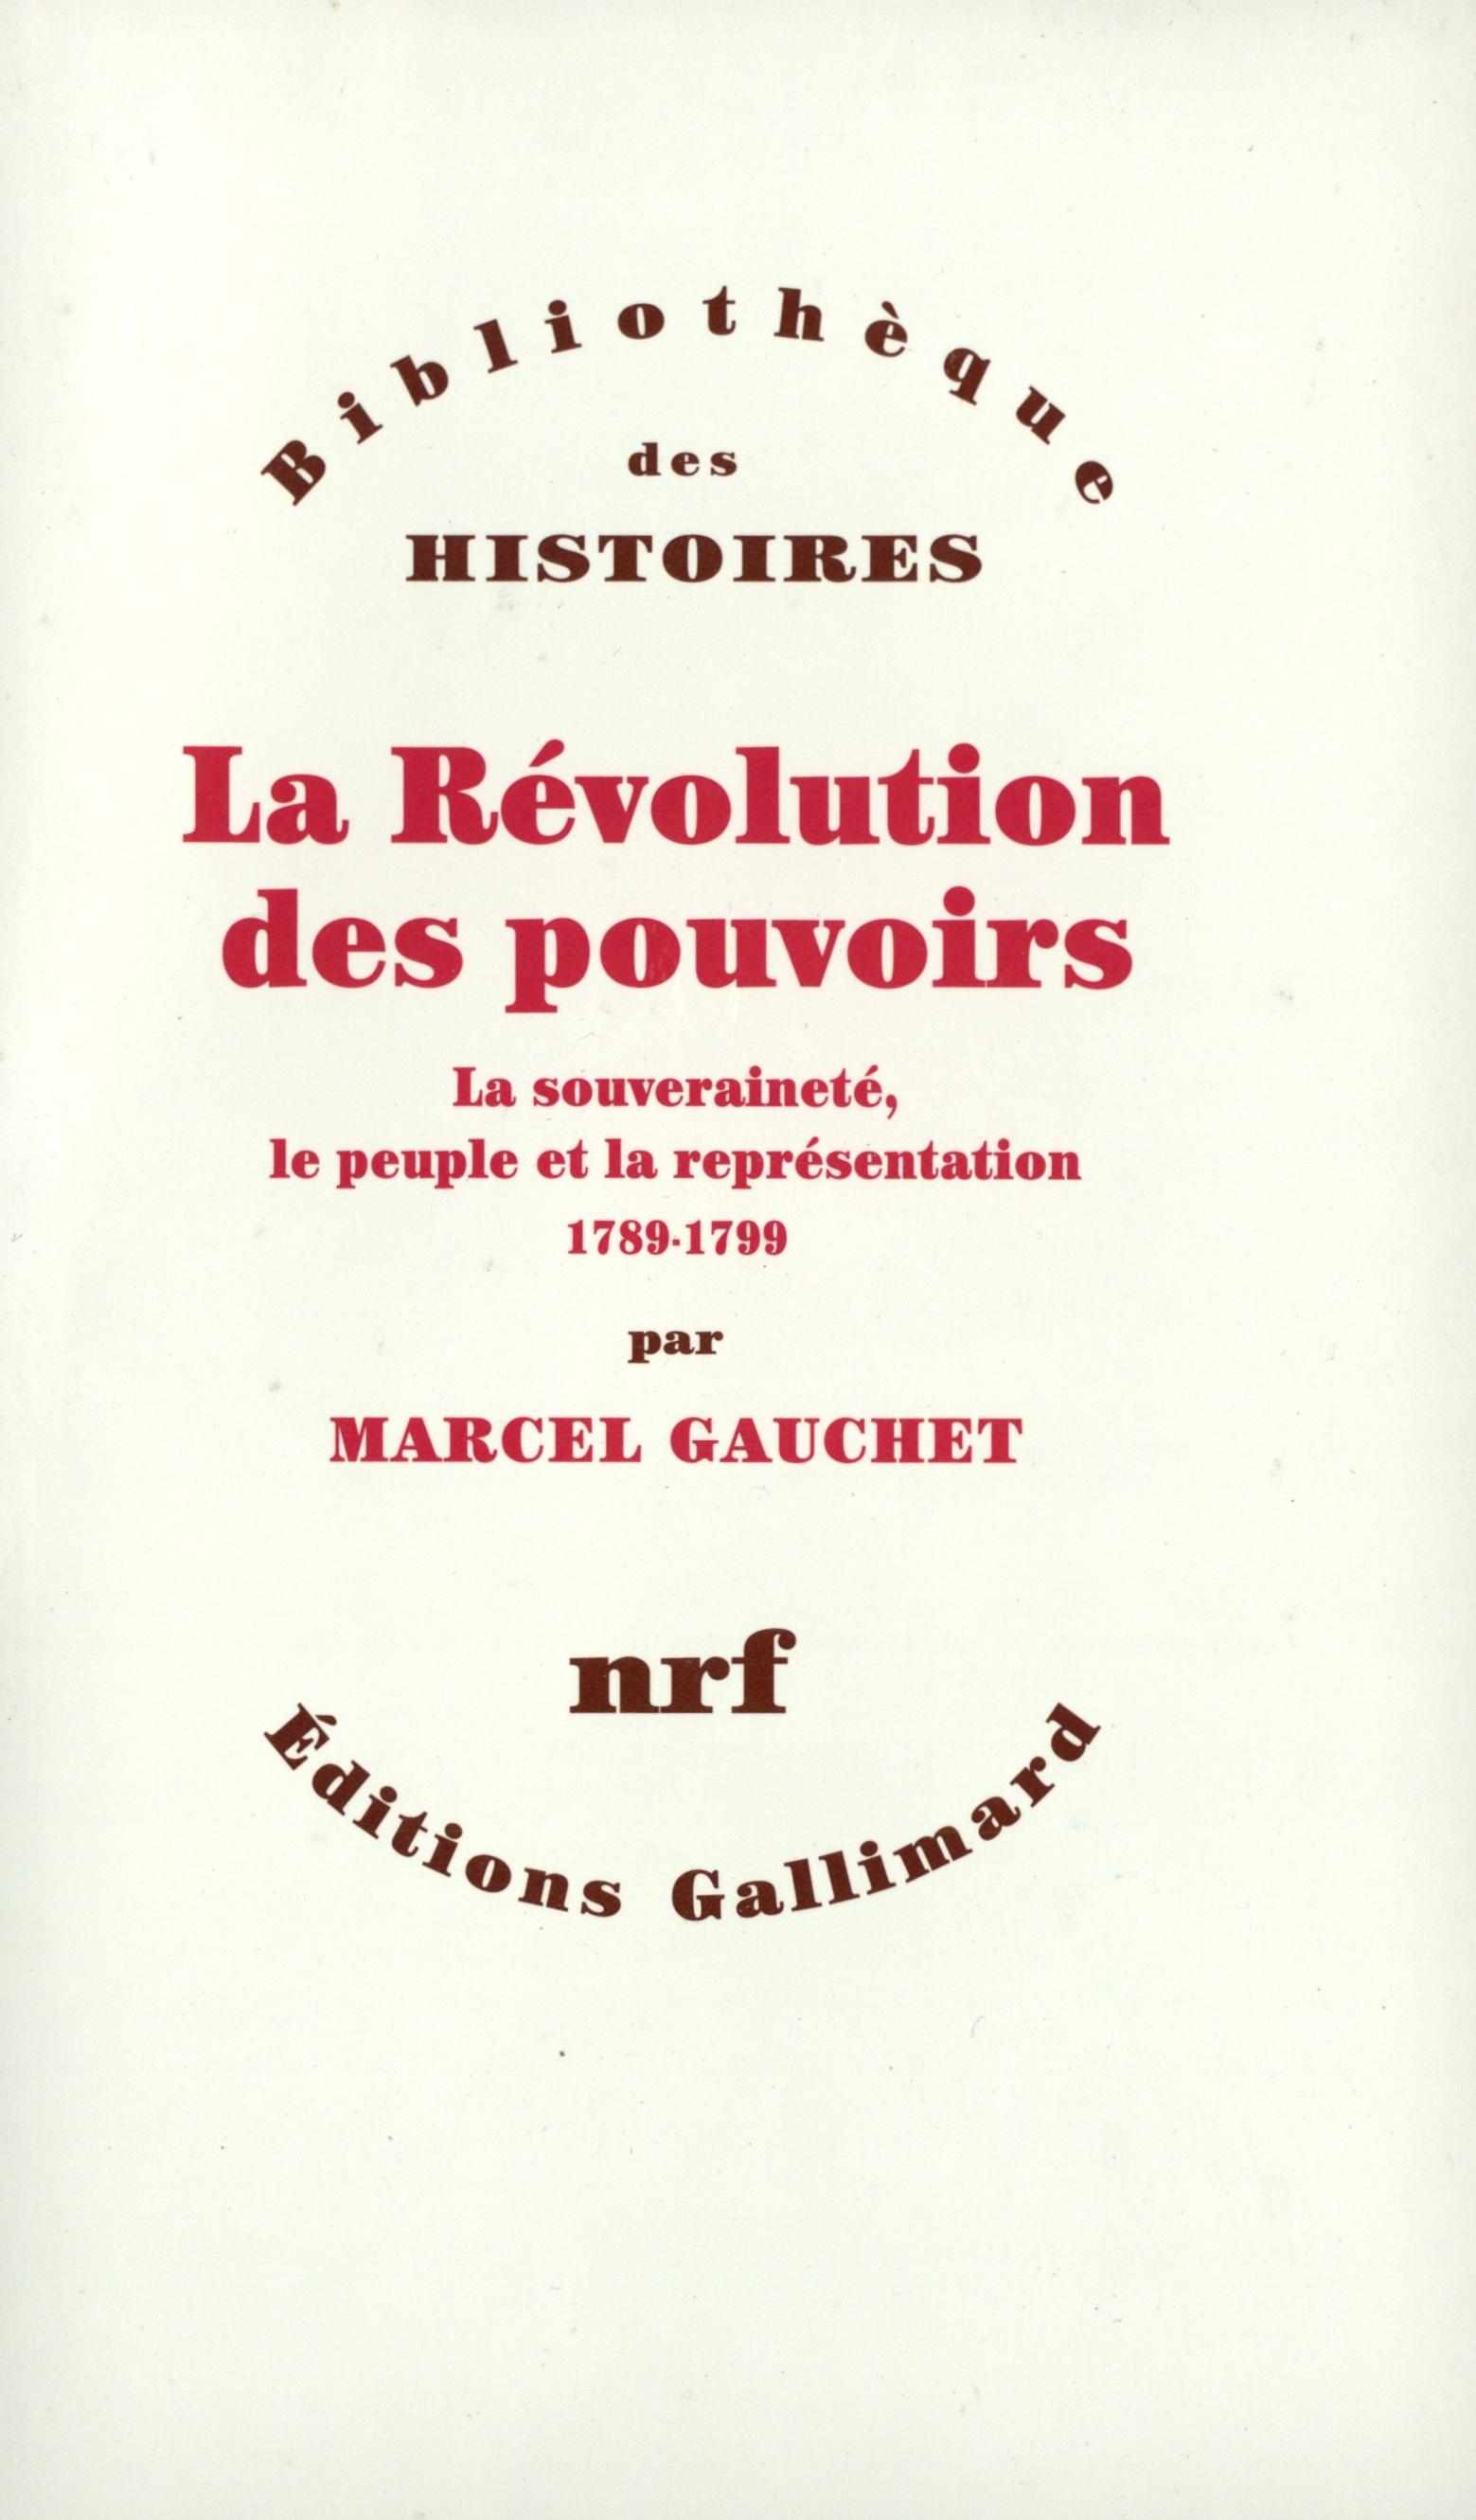 La Révolution des pouvoirs - La souveraineté, le peuple et la représentation (1789-1799)